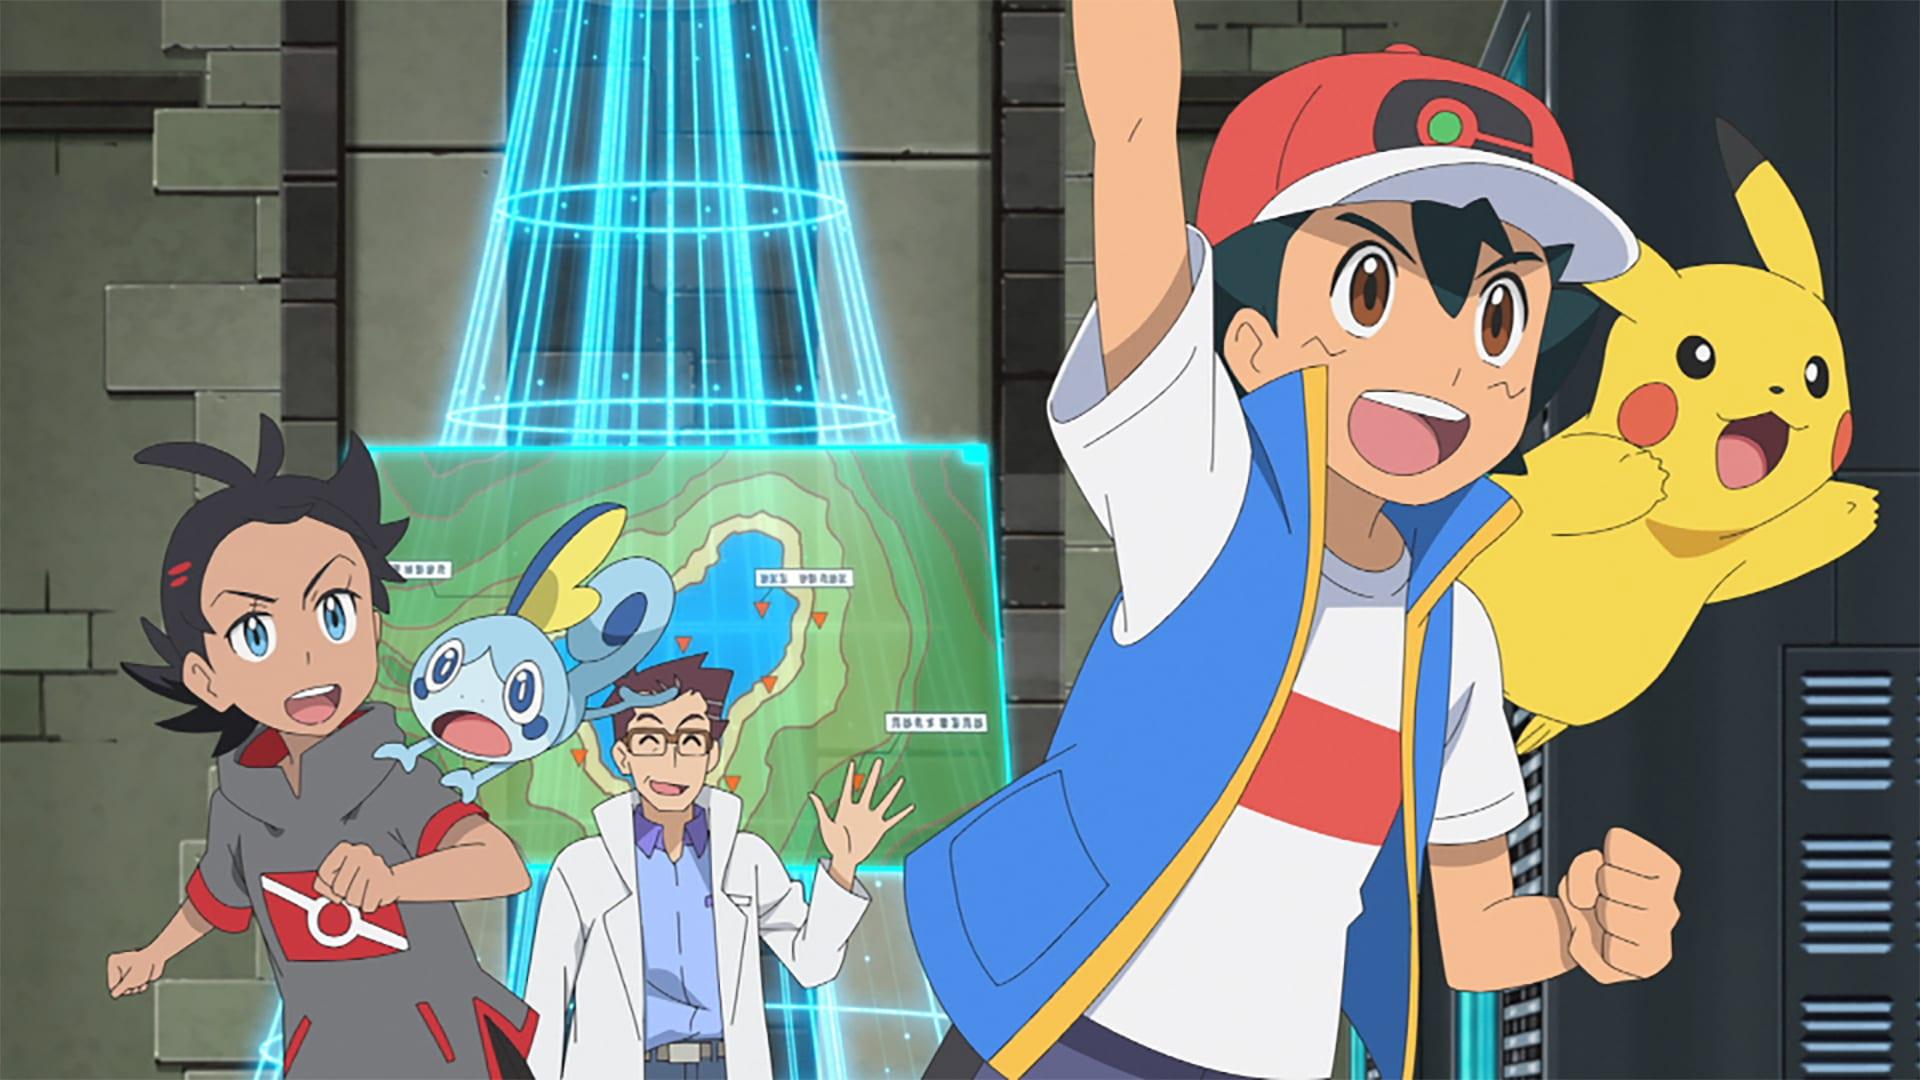 Esplorazioni Pokemon Master: il trailer della nuova stagione della serie thumbnail